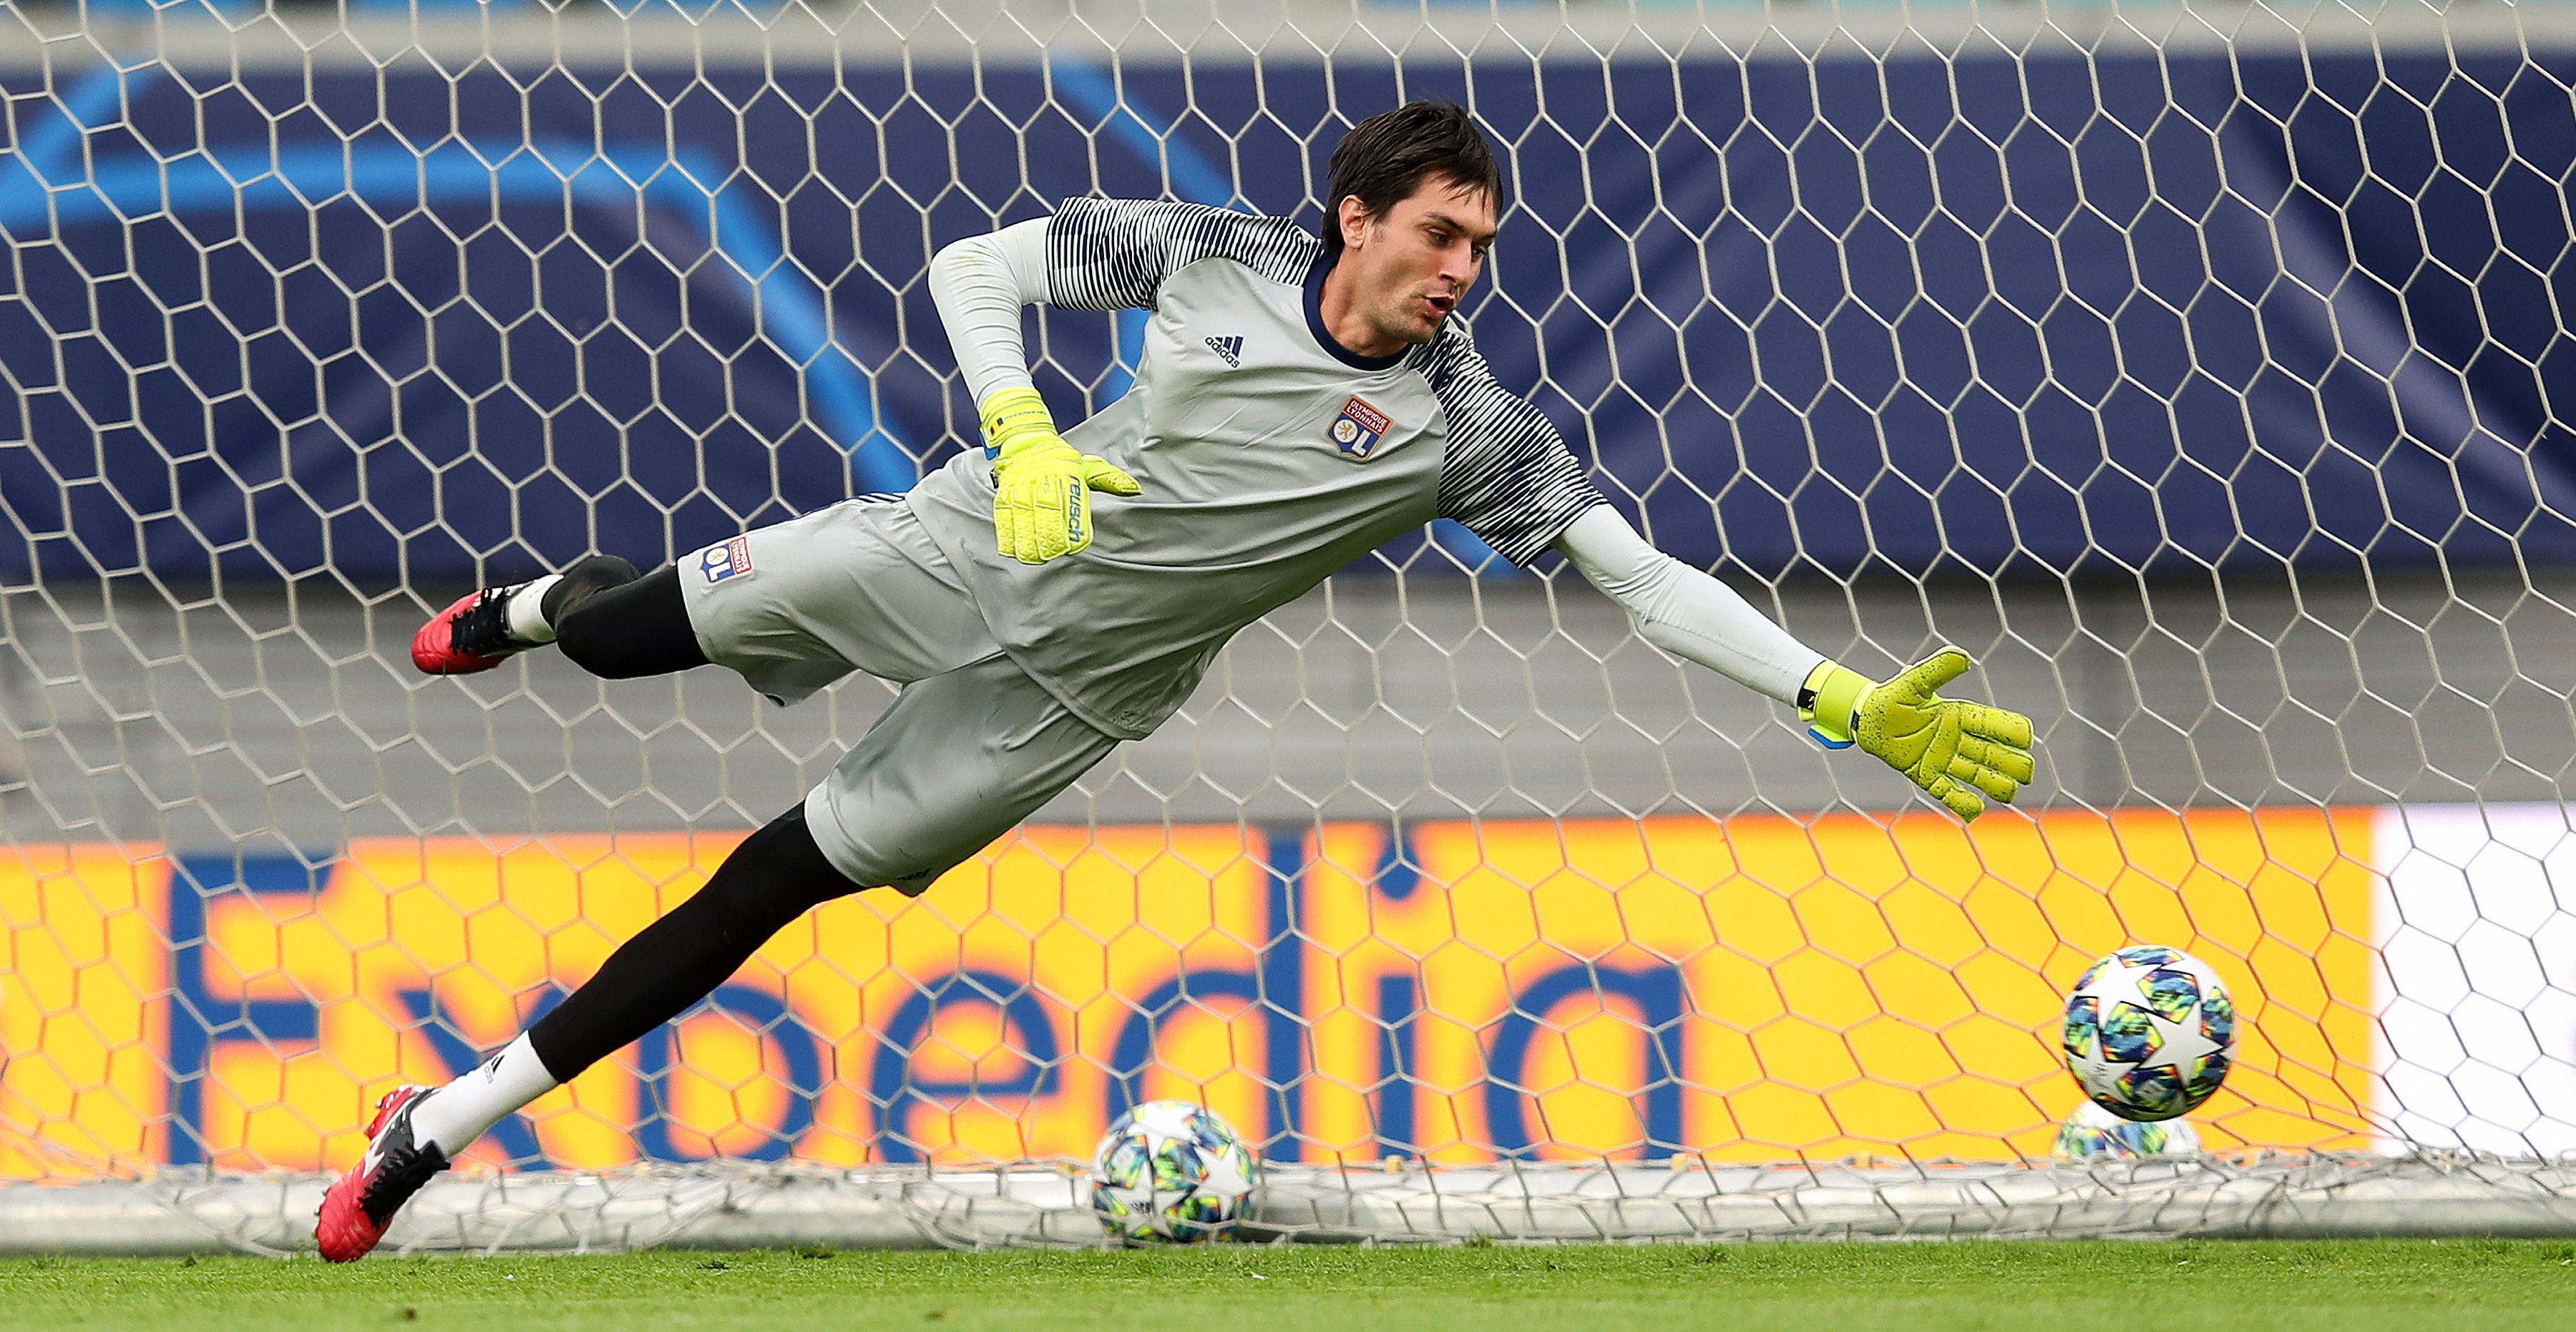 PSG-Lione, infortunio nel riscaldamento per Tatarusanu: Lopes in porta |  Goal.com